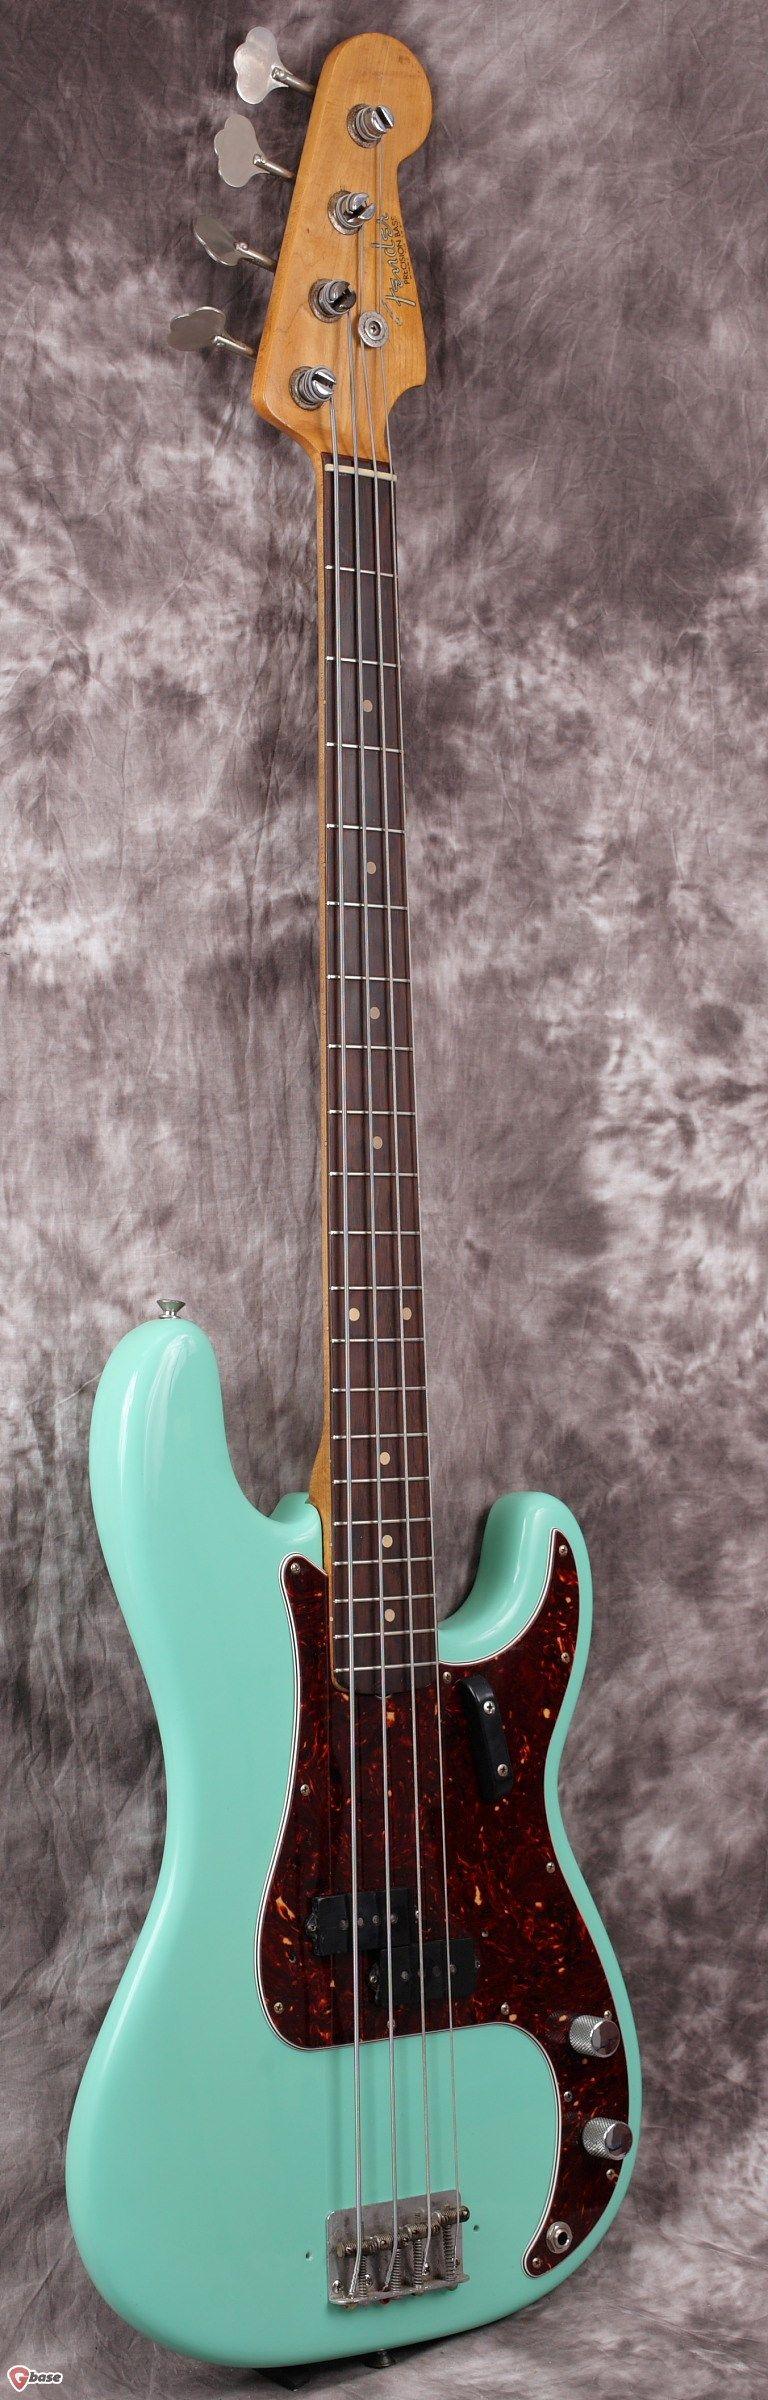 1962 Fender Precision Sea Foam Green > Guitars : Bass - Fiesta Finishes | Gbase.com